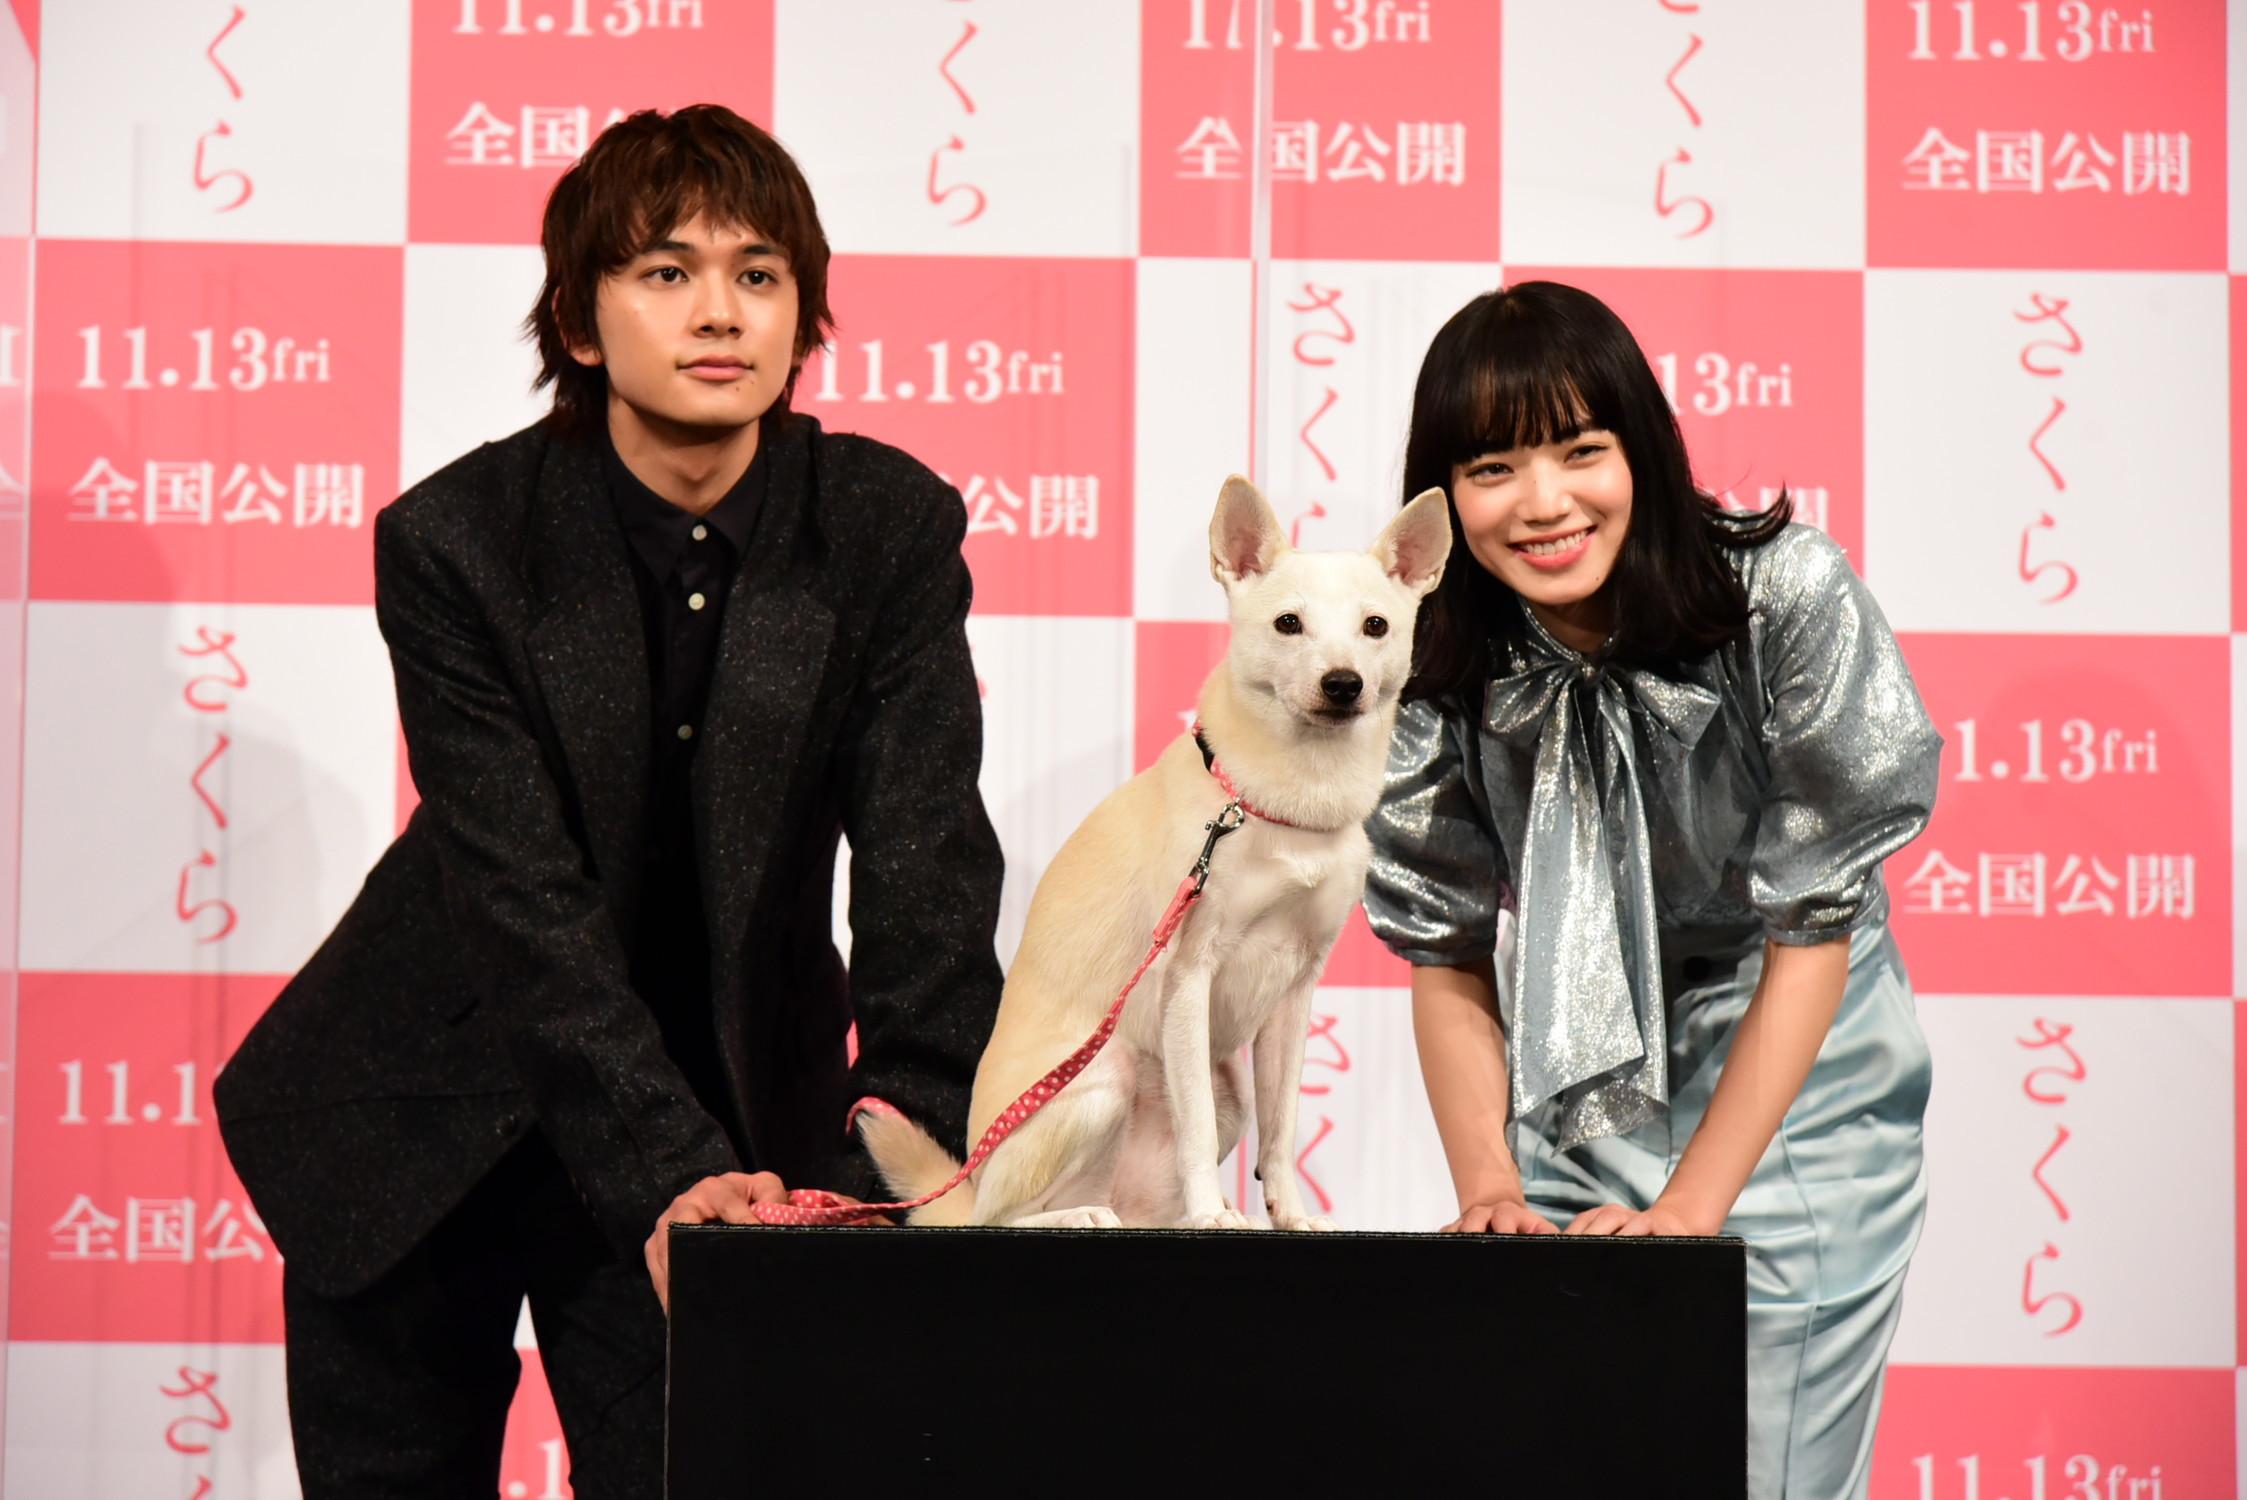 左から、北村匠海、犬のちえ、小松菜奈